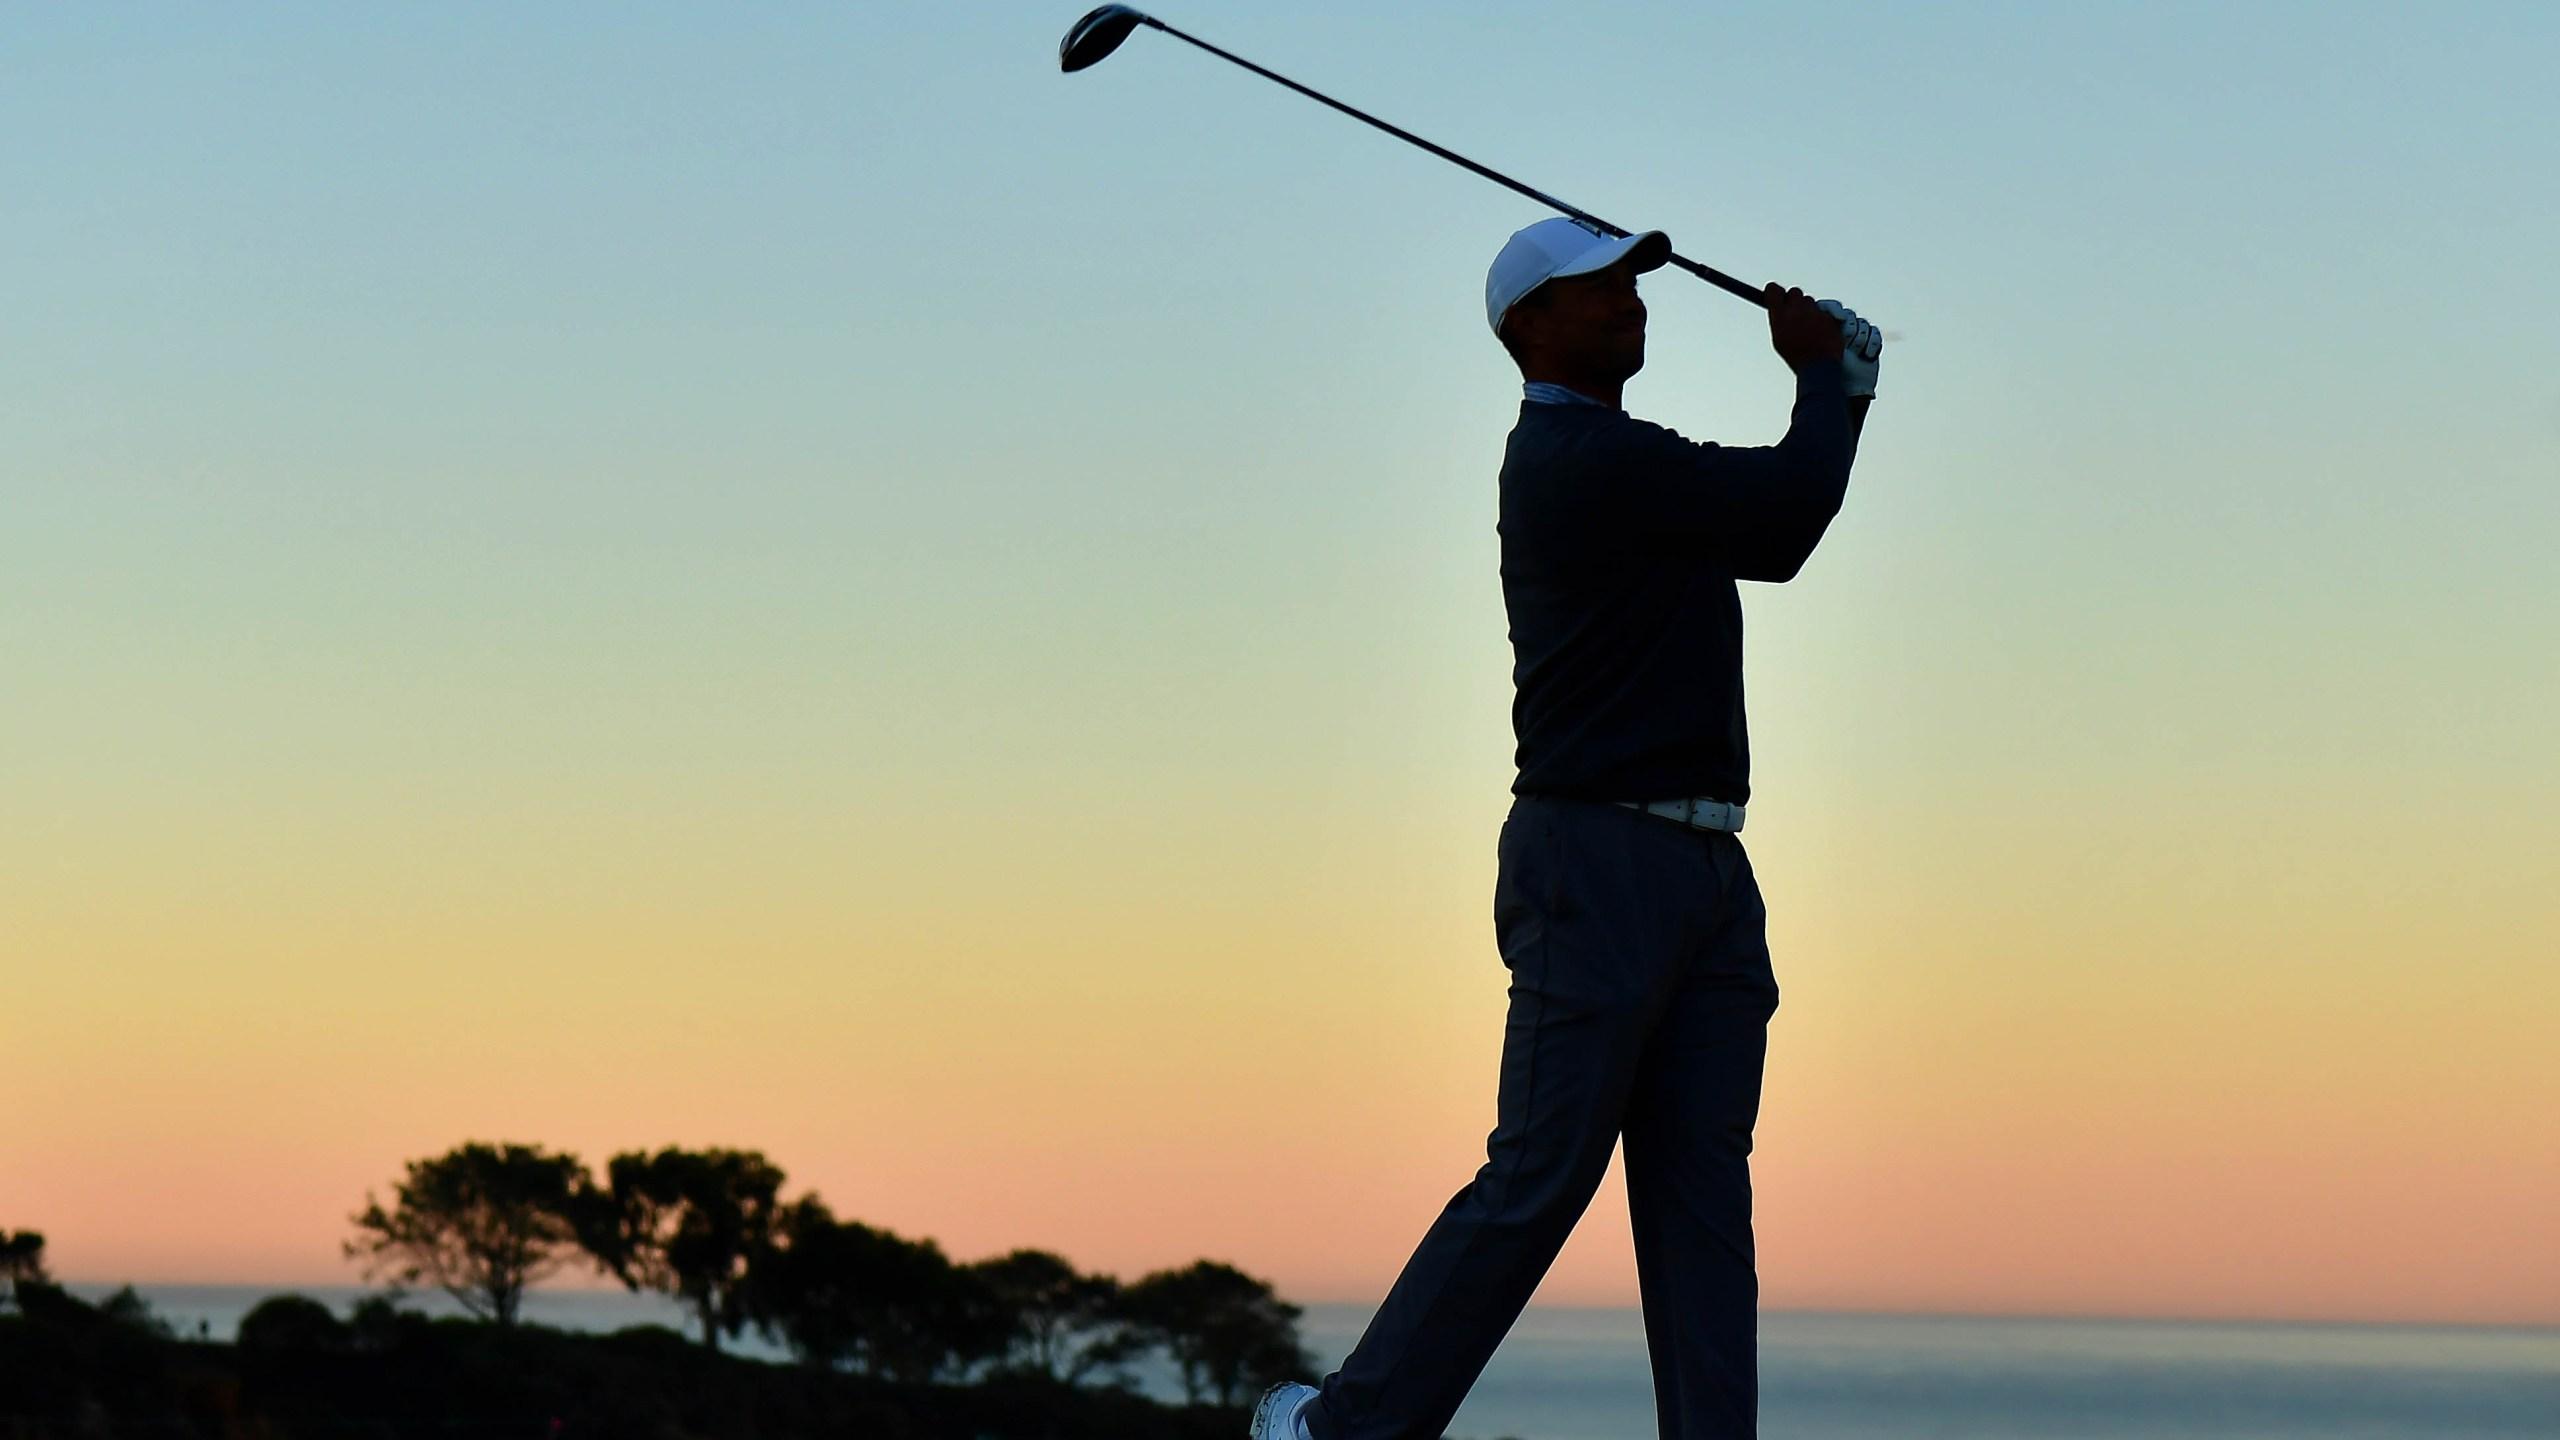 Tiger Woods Torrey Pines 2019